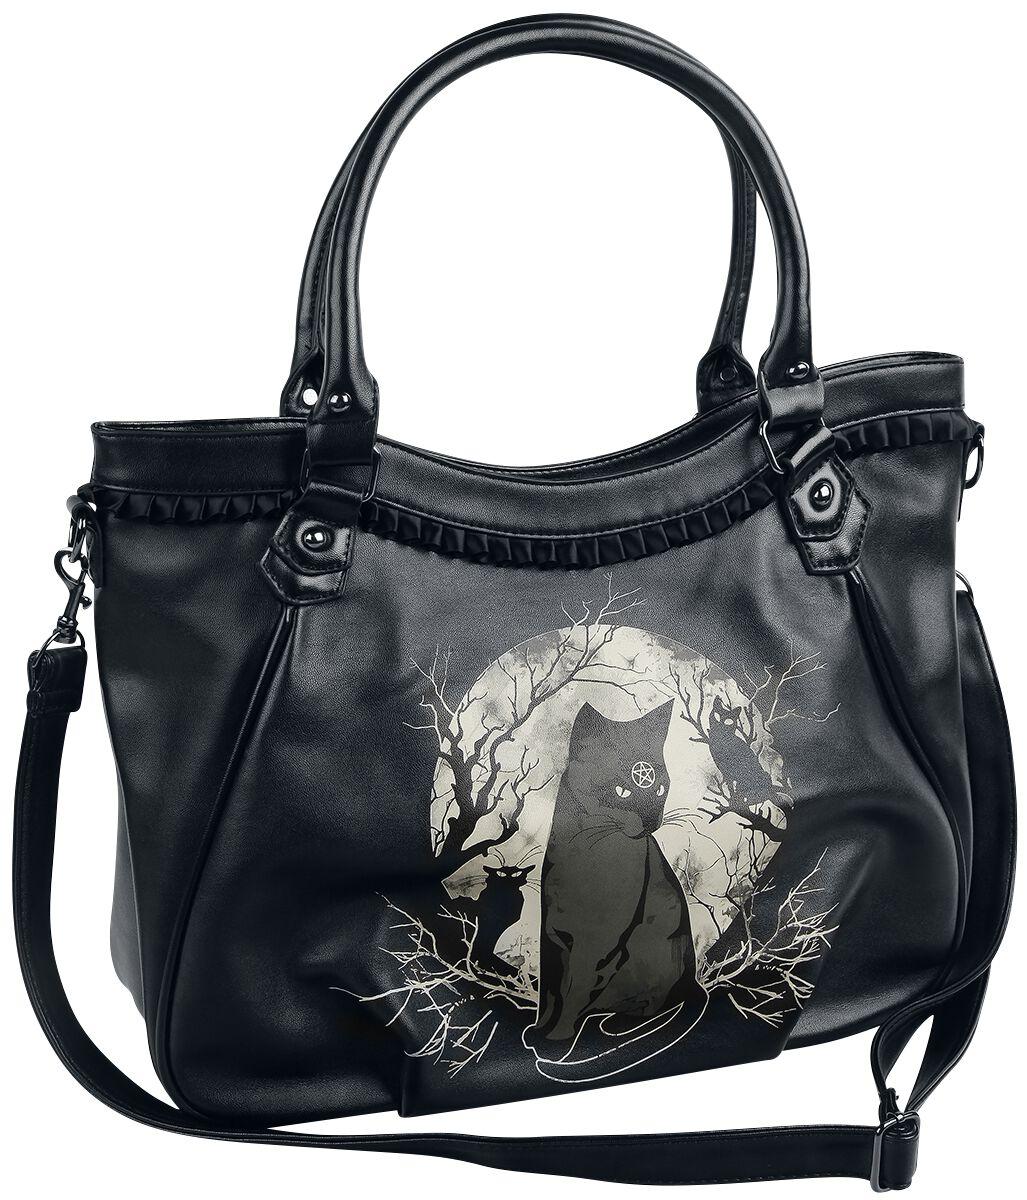 Banned Alternative Hecate In Full Moon Handtasche schwarz weiß BG7188